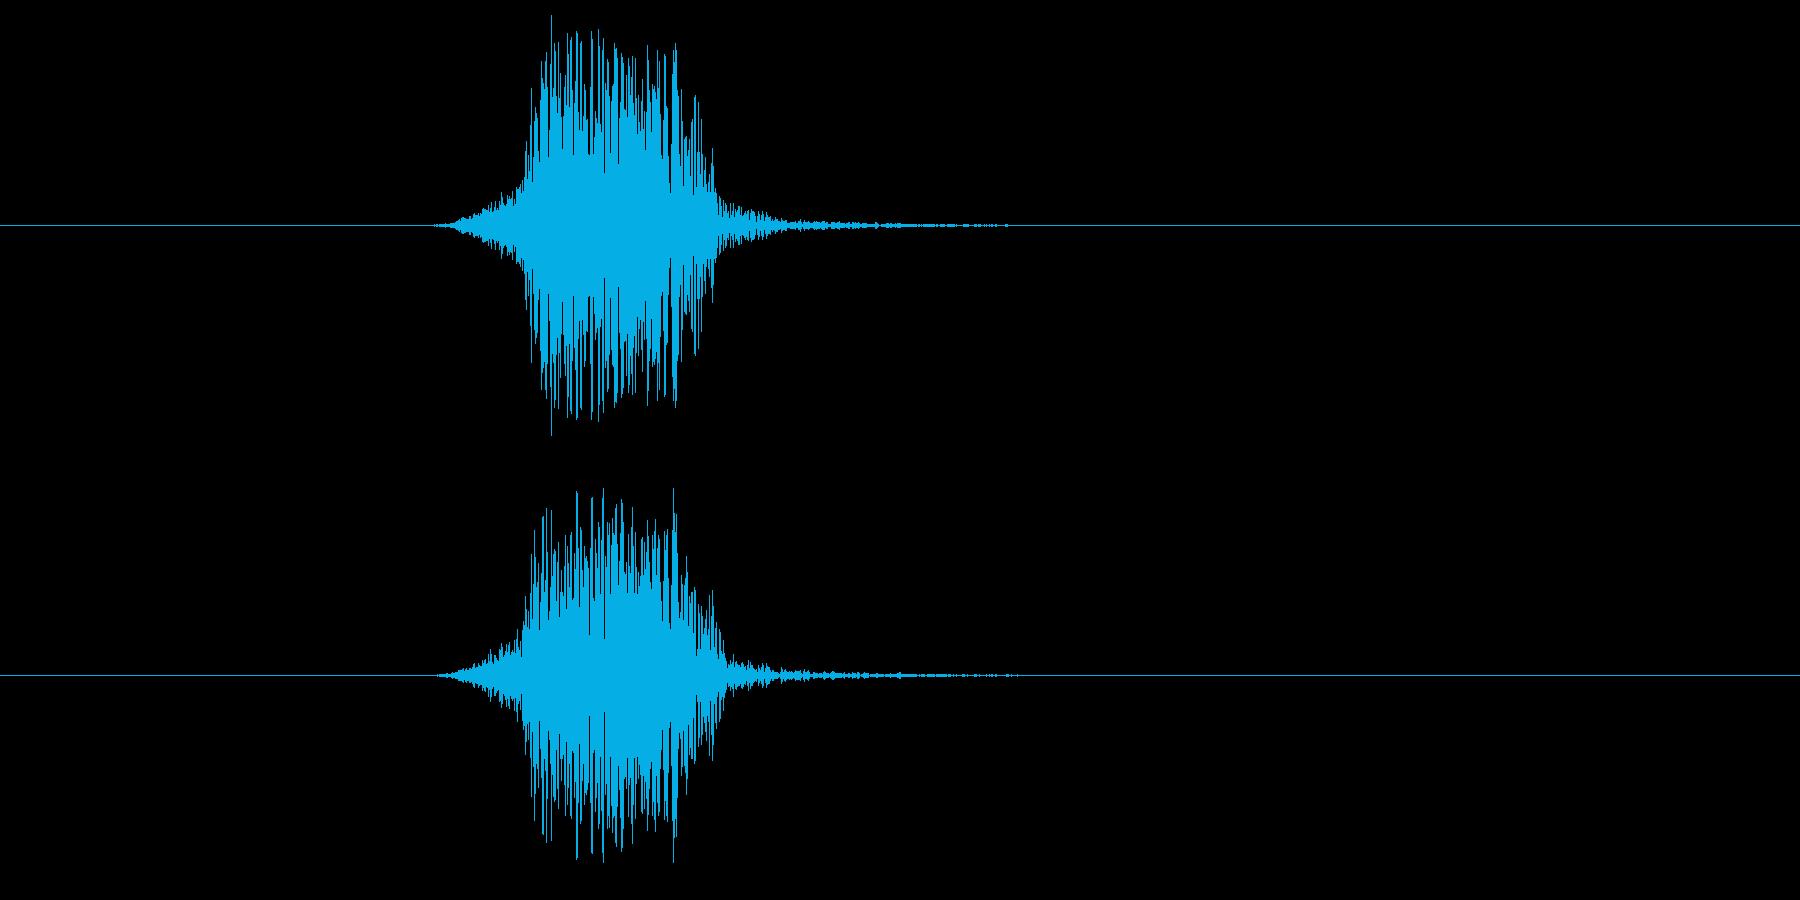 「はっ!」勢いのある和風掛け声-男性3人の再生済みの波形